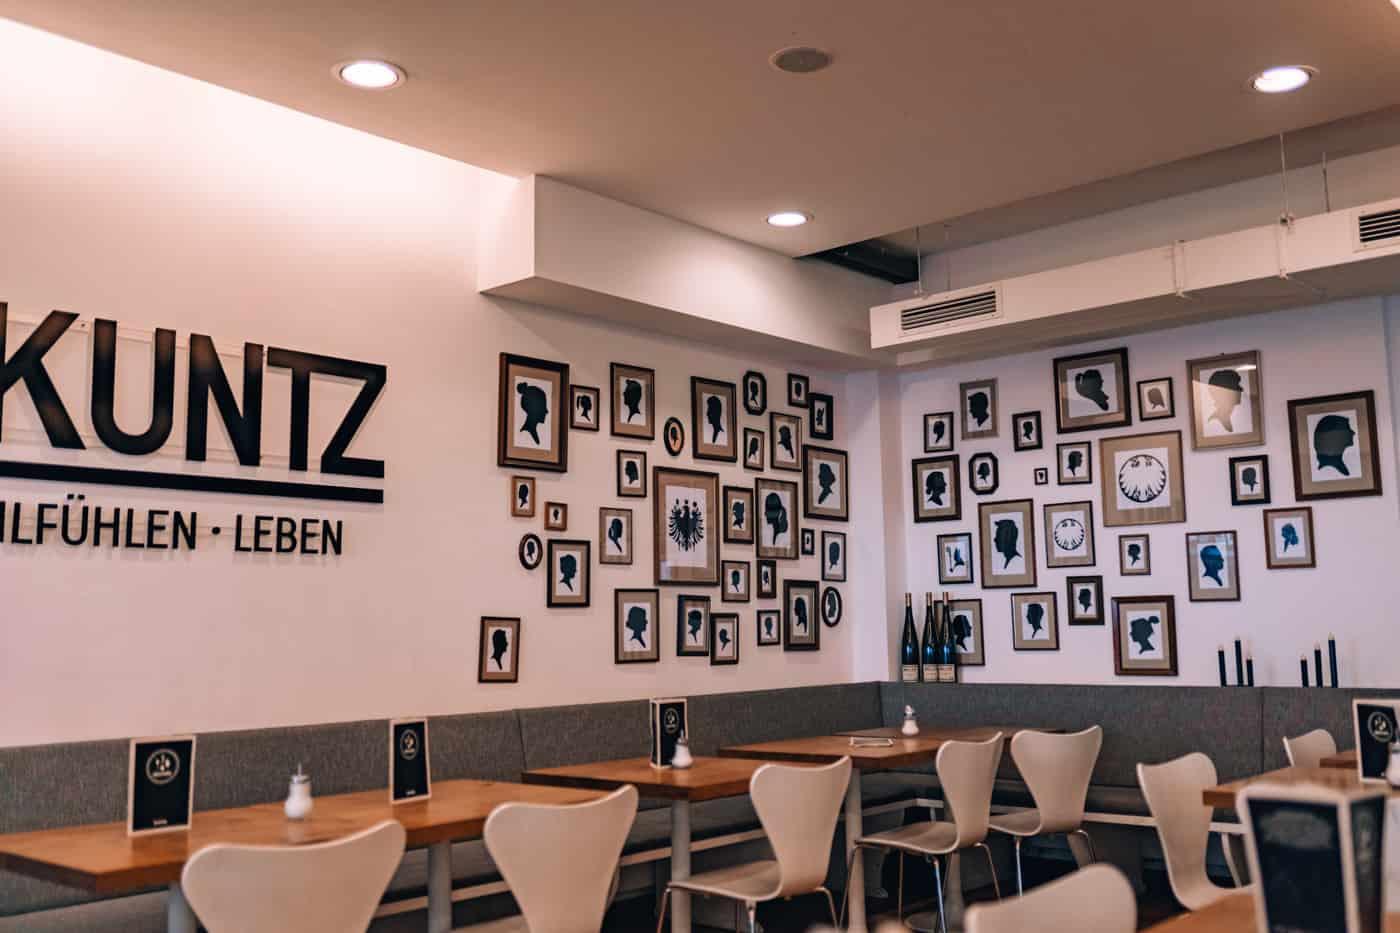 Mainz - Sehenswürdigkeiten, schönste Ecken, Essens- & Insider Tipps: Hintz & Kuntz